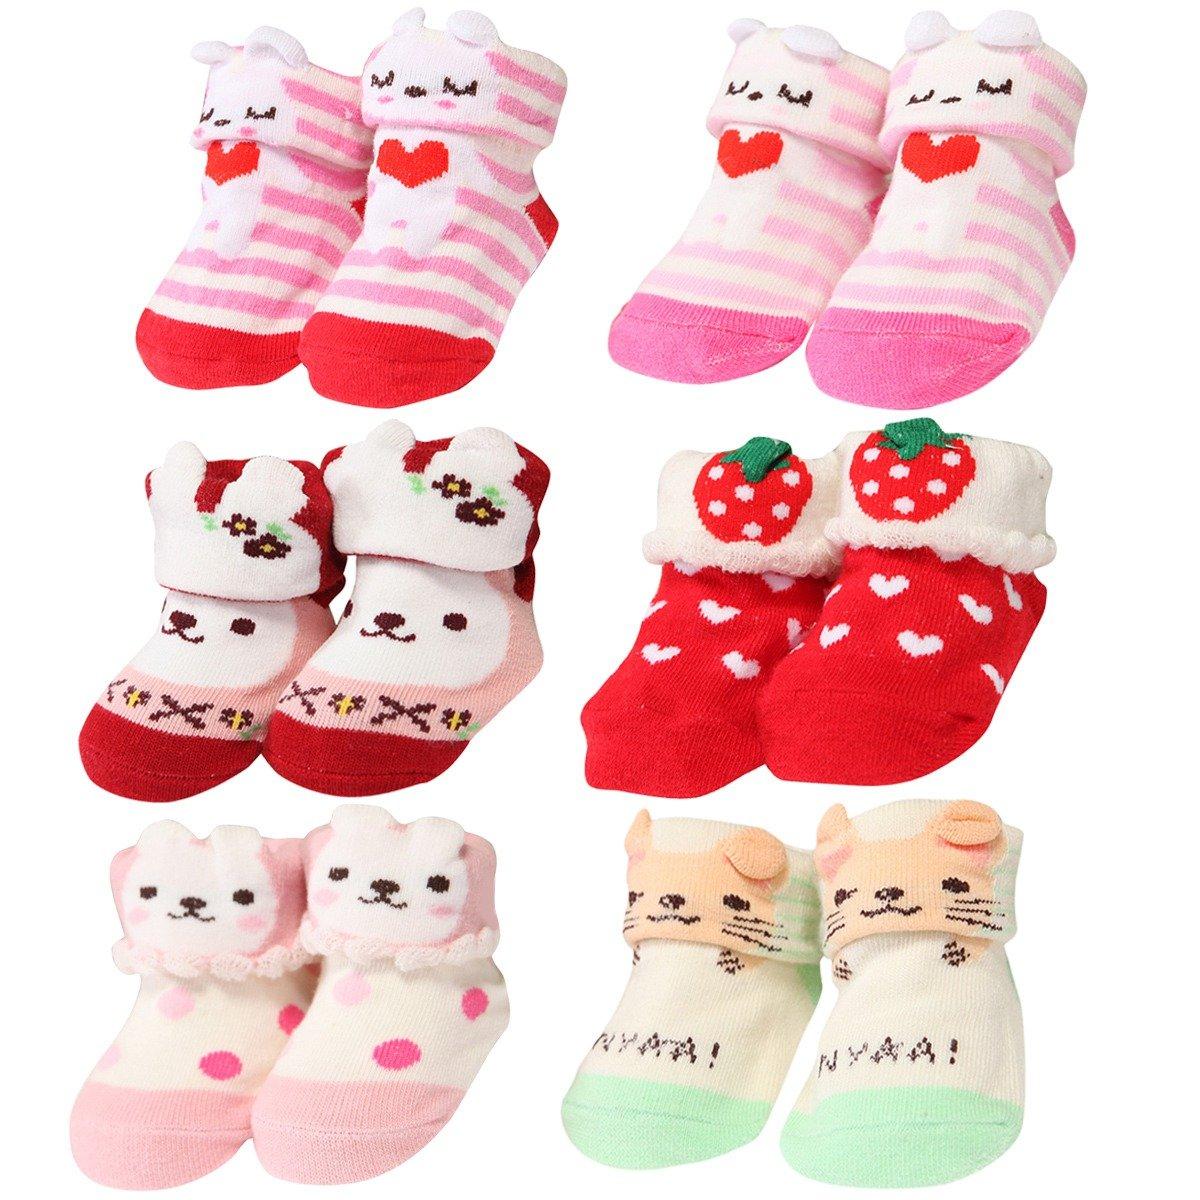 YIGOU 6 paia di scarpe da neonato Baby Girl-Calze antiscivolo in 3D-Pantofole da donna per scarpe, colori assortiti, 8 cm, da 0 a 6 mesi